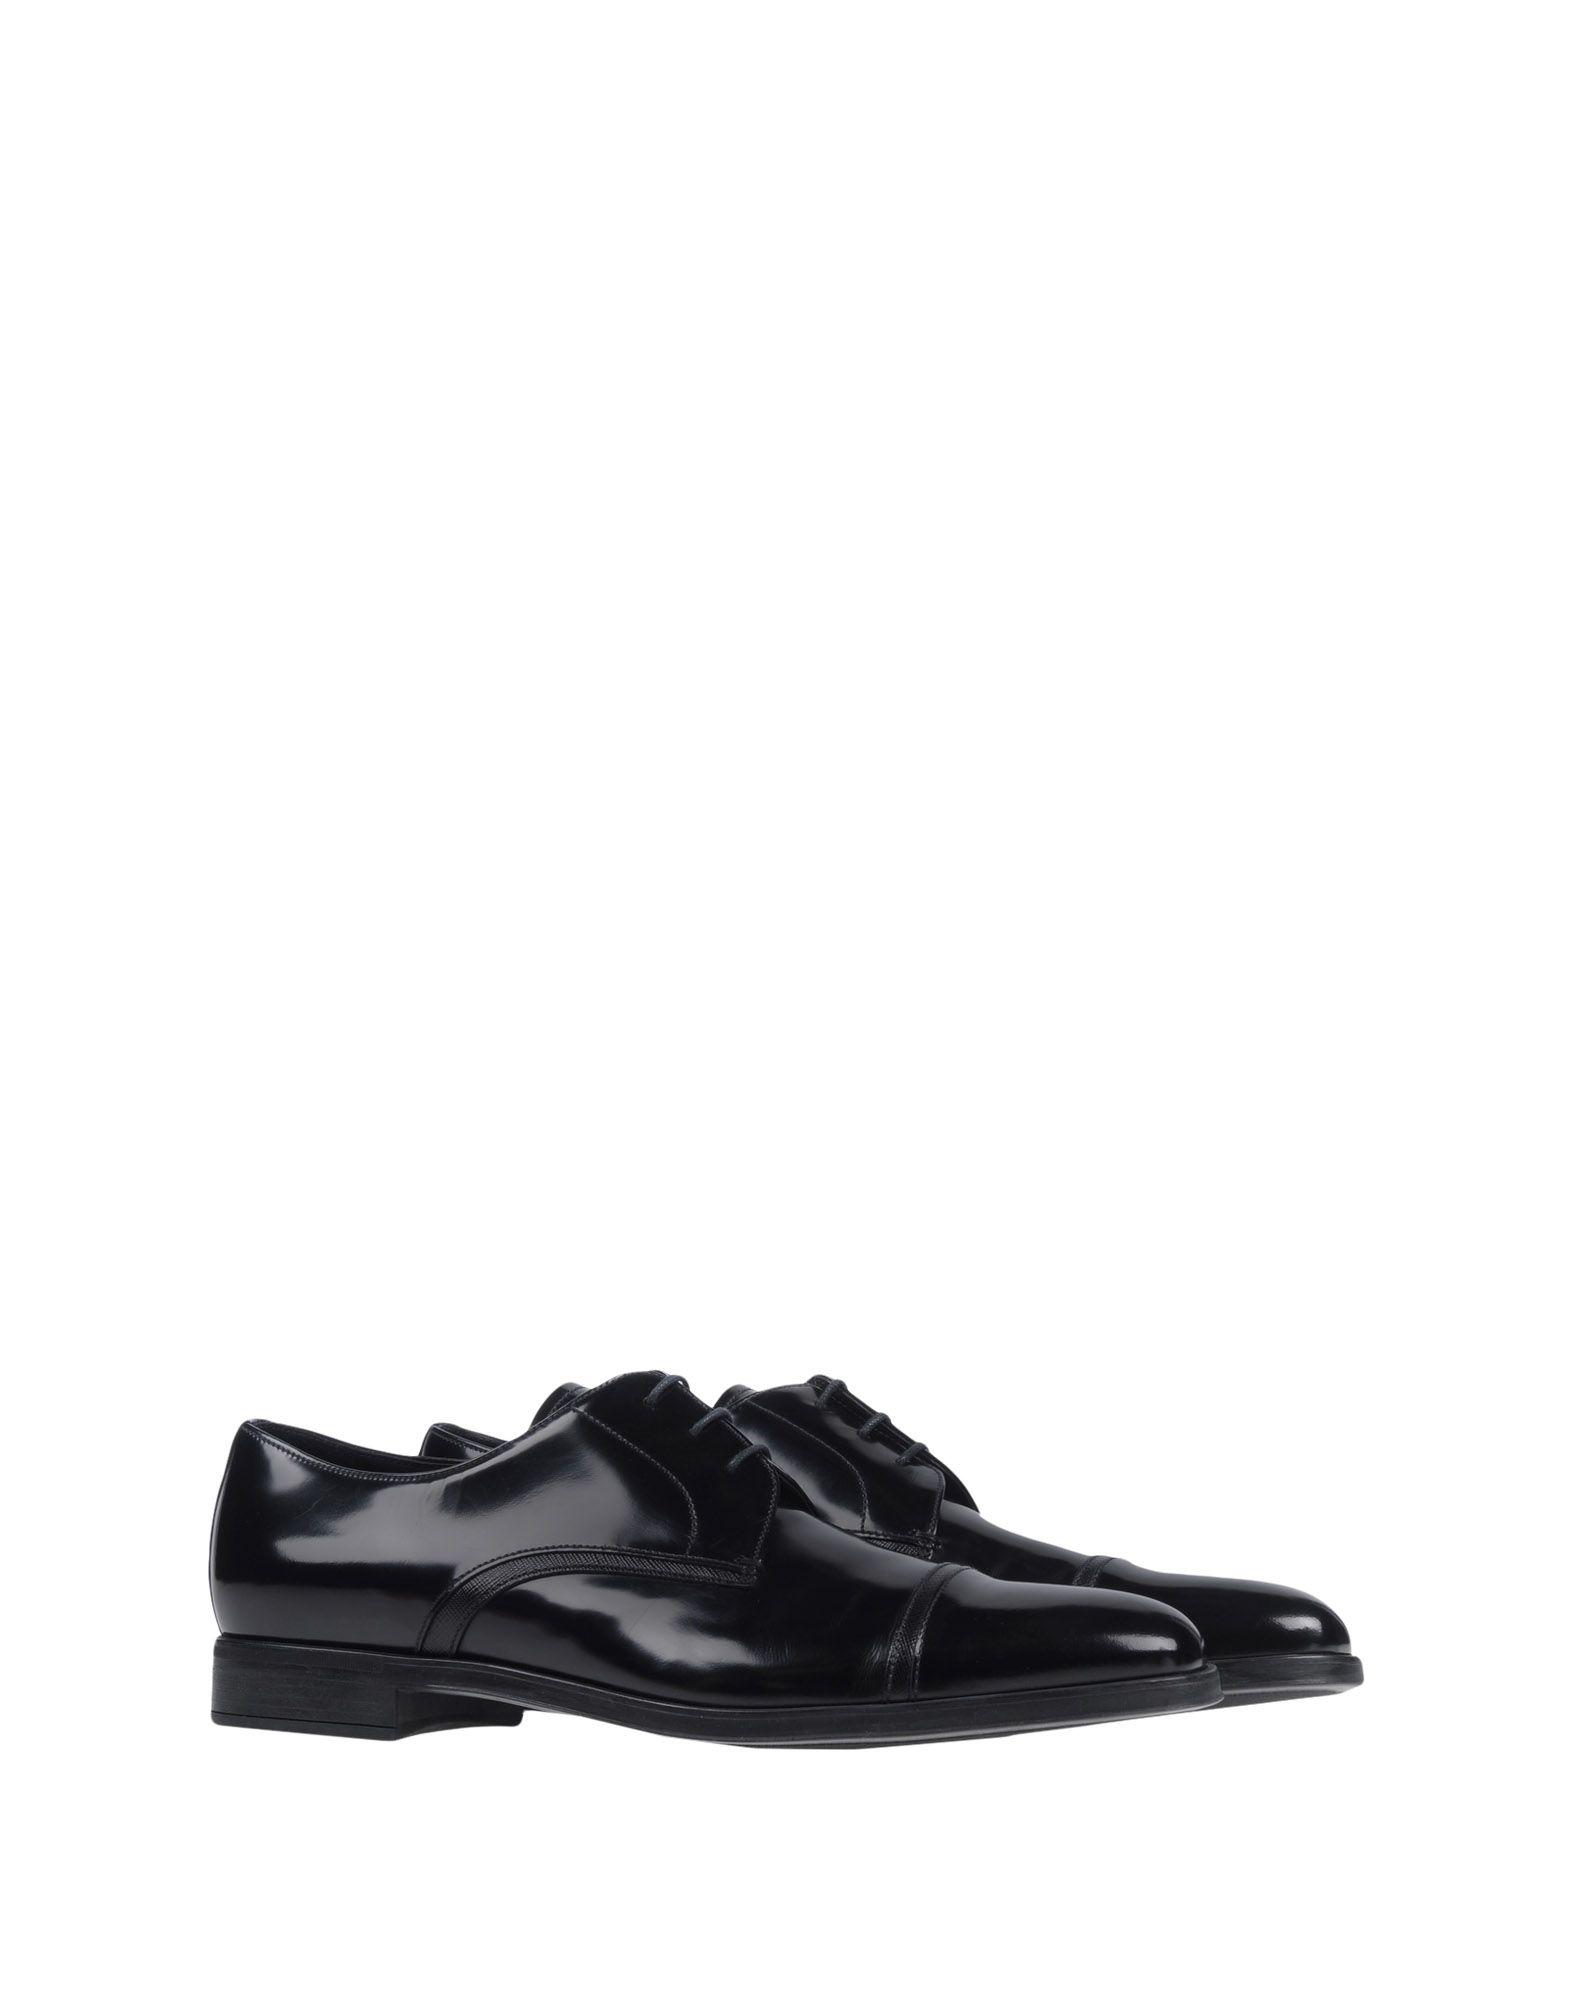 Prada Schnürschuhe Herren  11477429JP Gute Qualität beliebte Schuhe